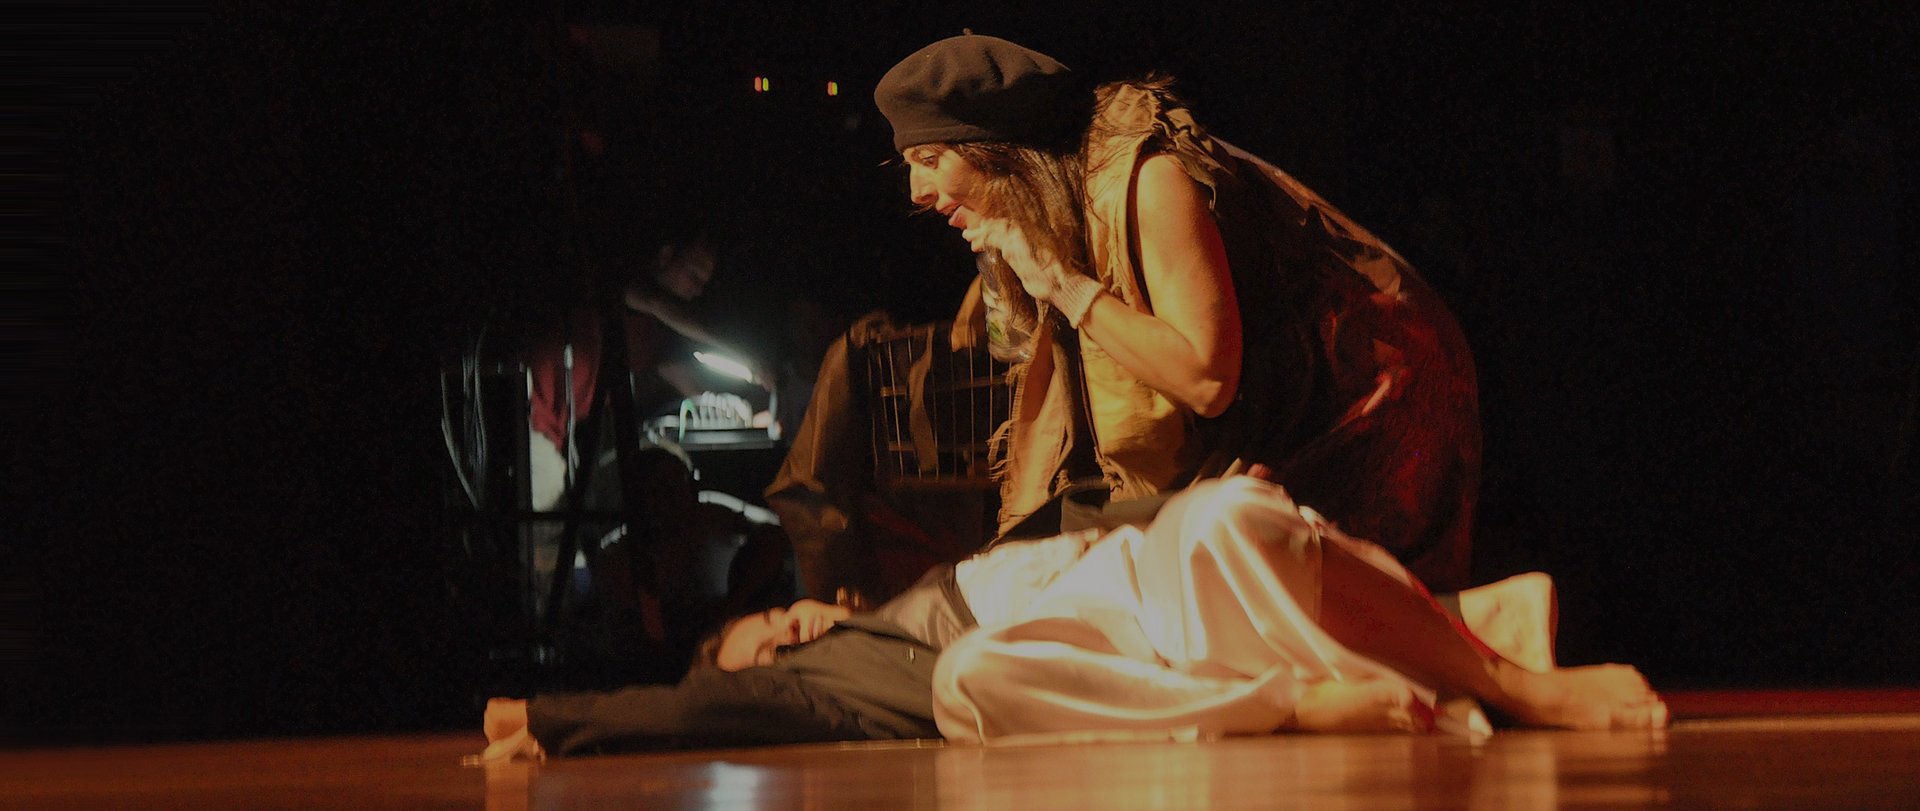 Cours théâtre Nantes Studio Coudray cours Hamon